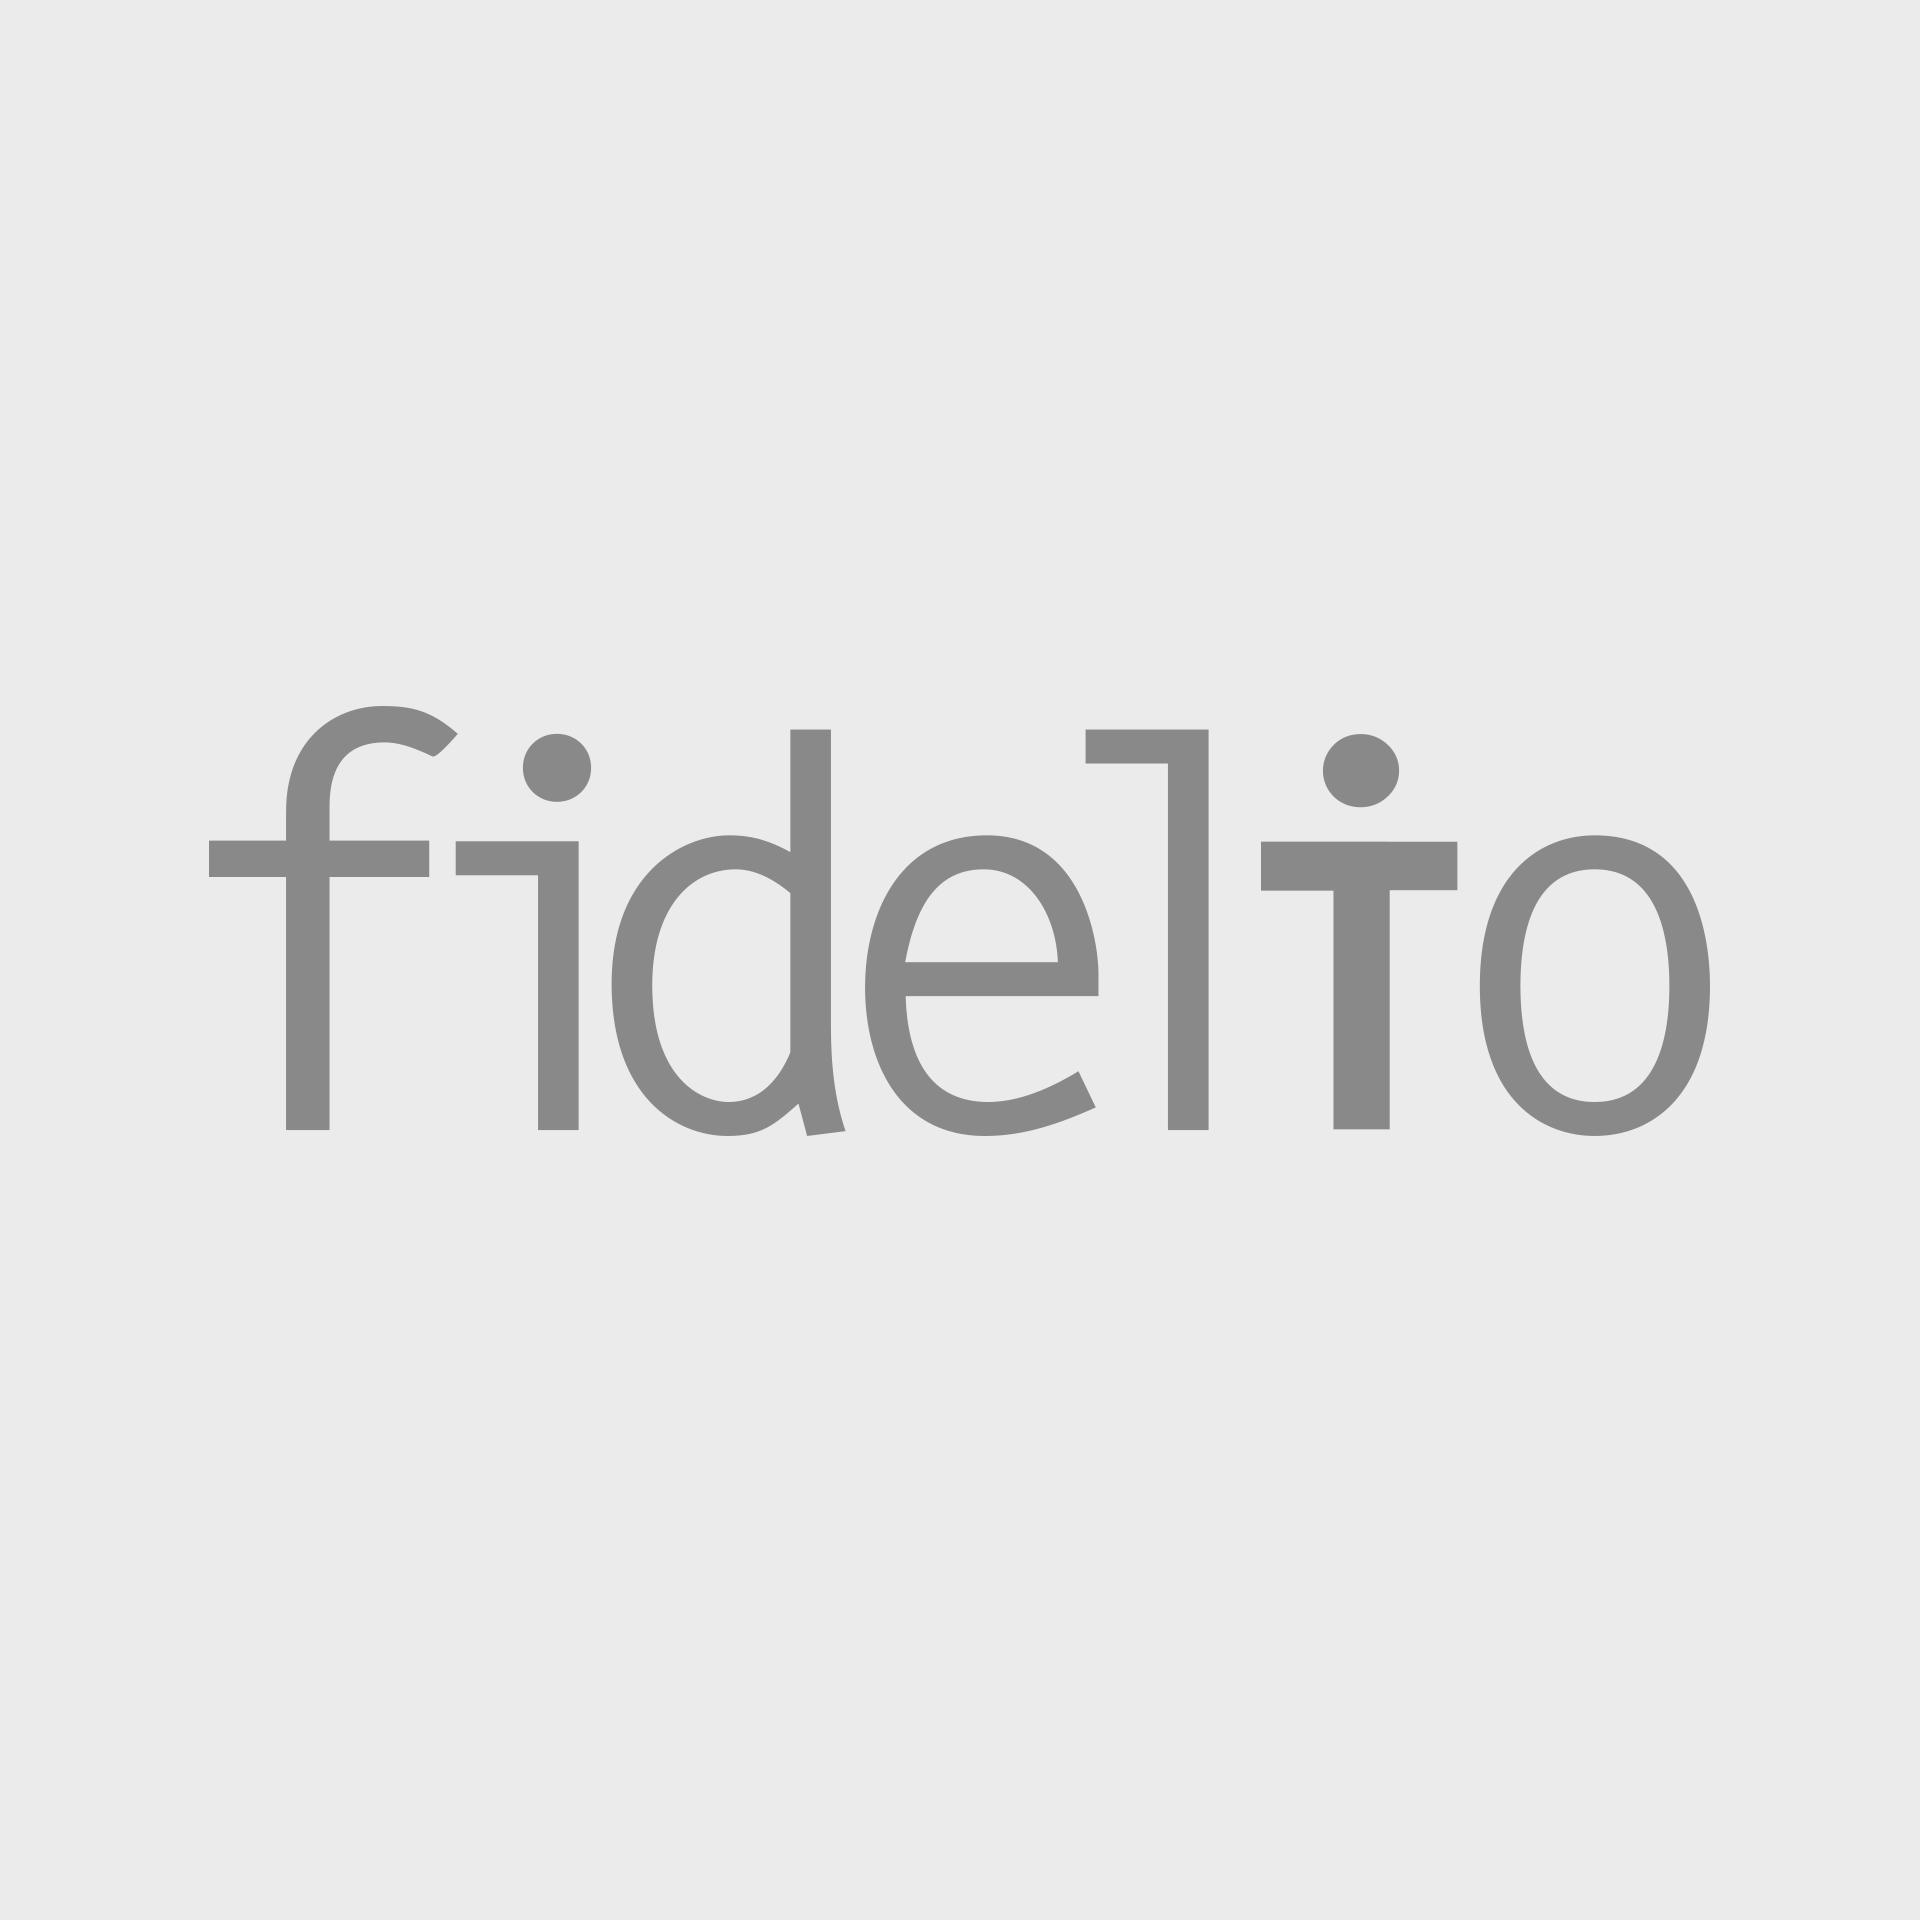 BFED6F59-EA18-4032-87AA-C6EB84C130C2